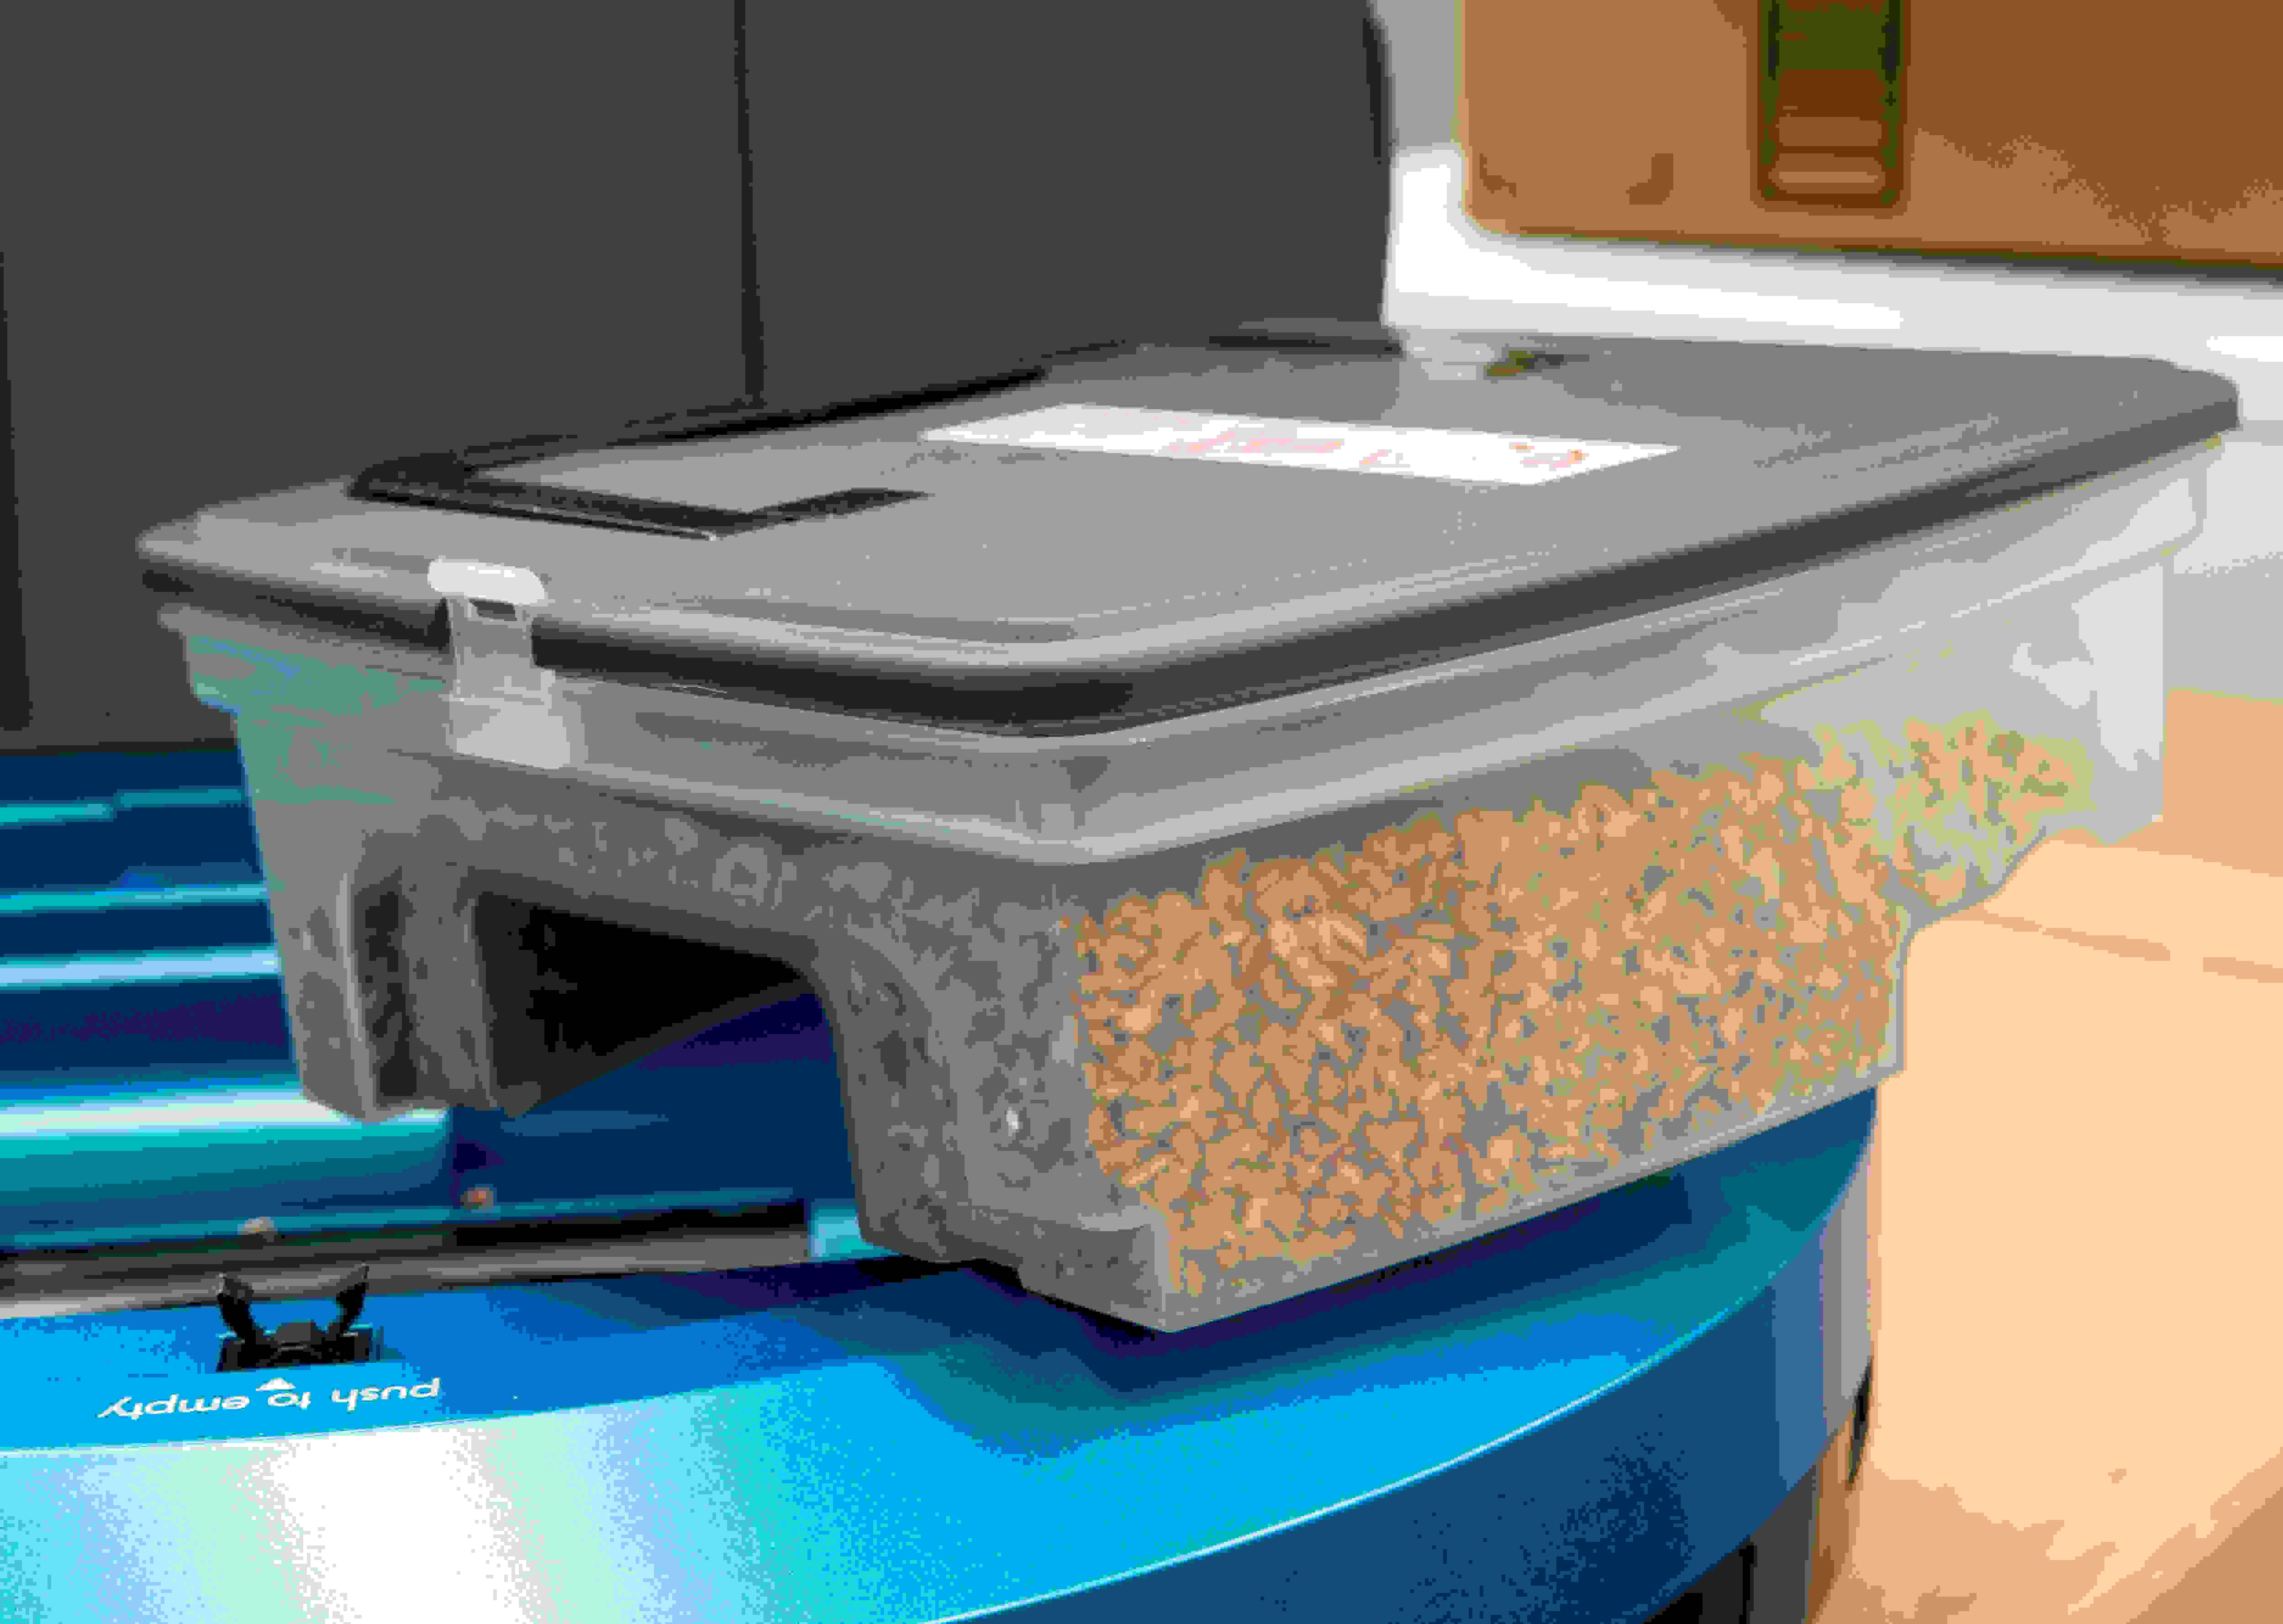 The dust bin pretty standard, but sometimes leaks debris.